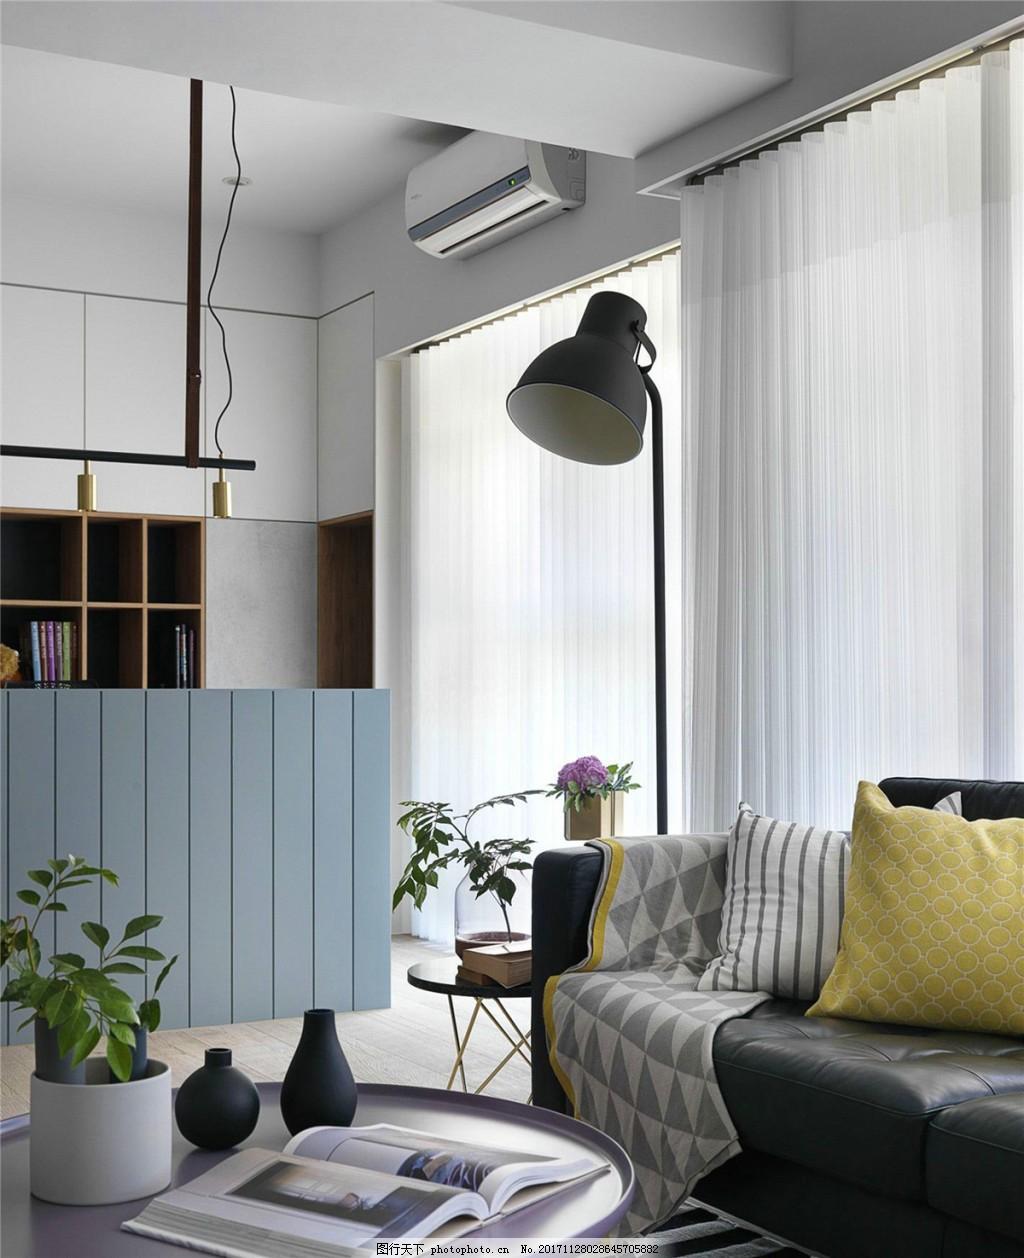 簡約時尚客廳圓形茶幾裝修效果圖 米色地板磚 灰色窗簾 落地窗 臺燈